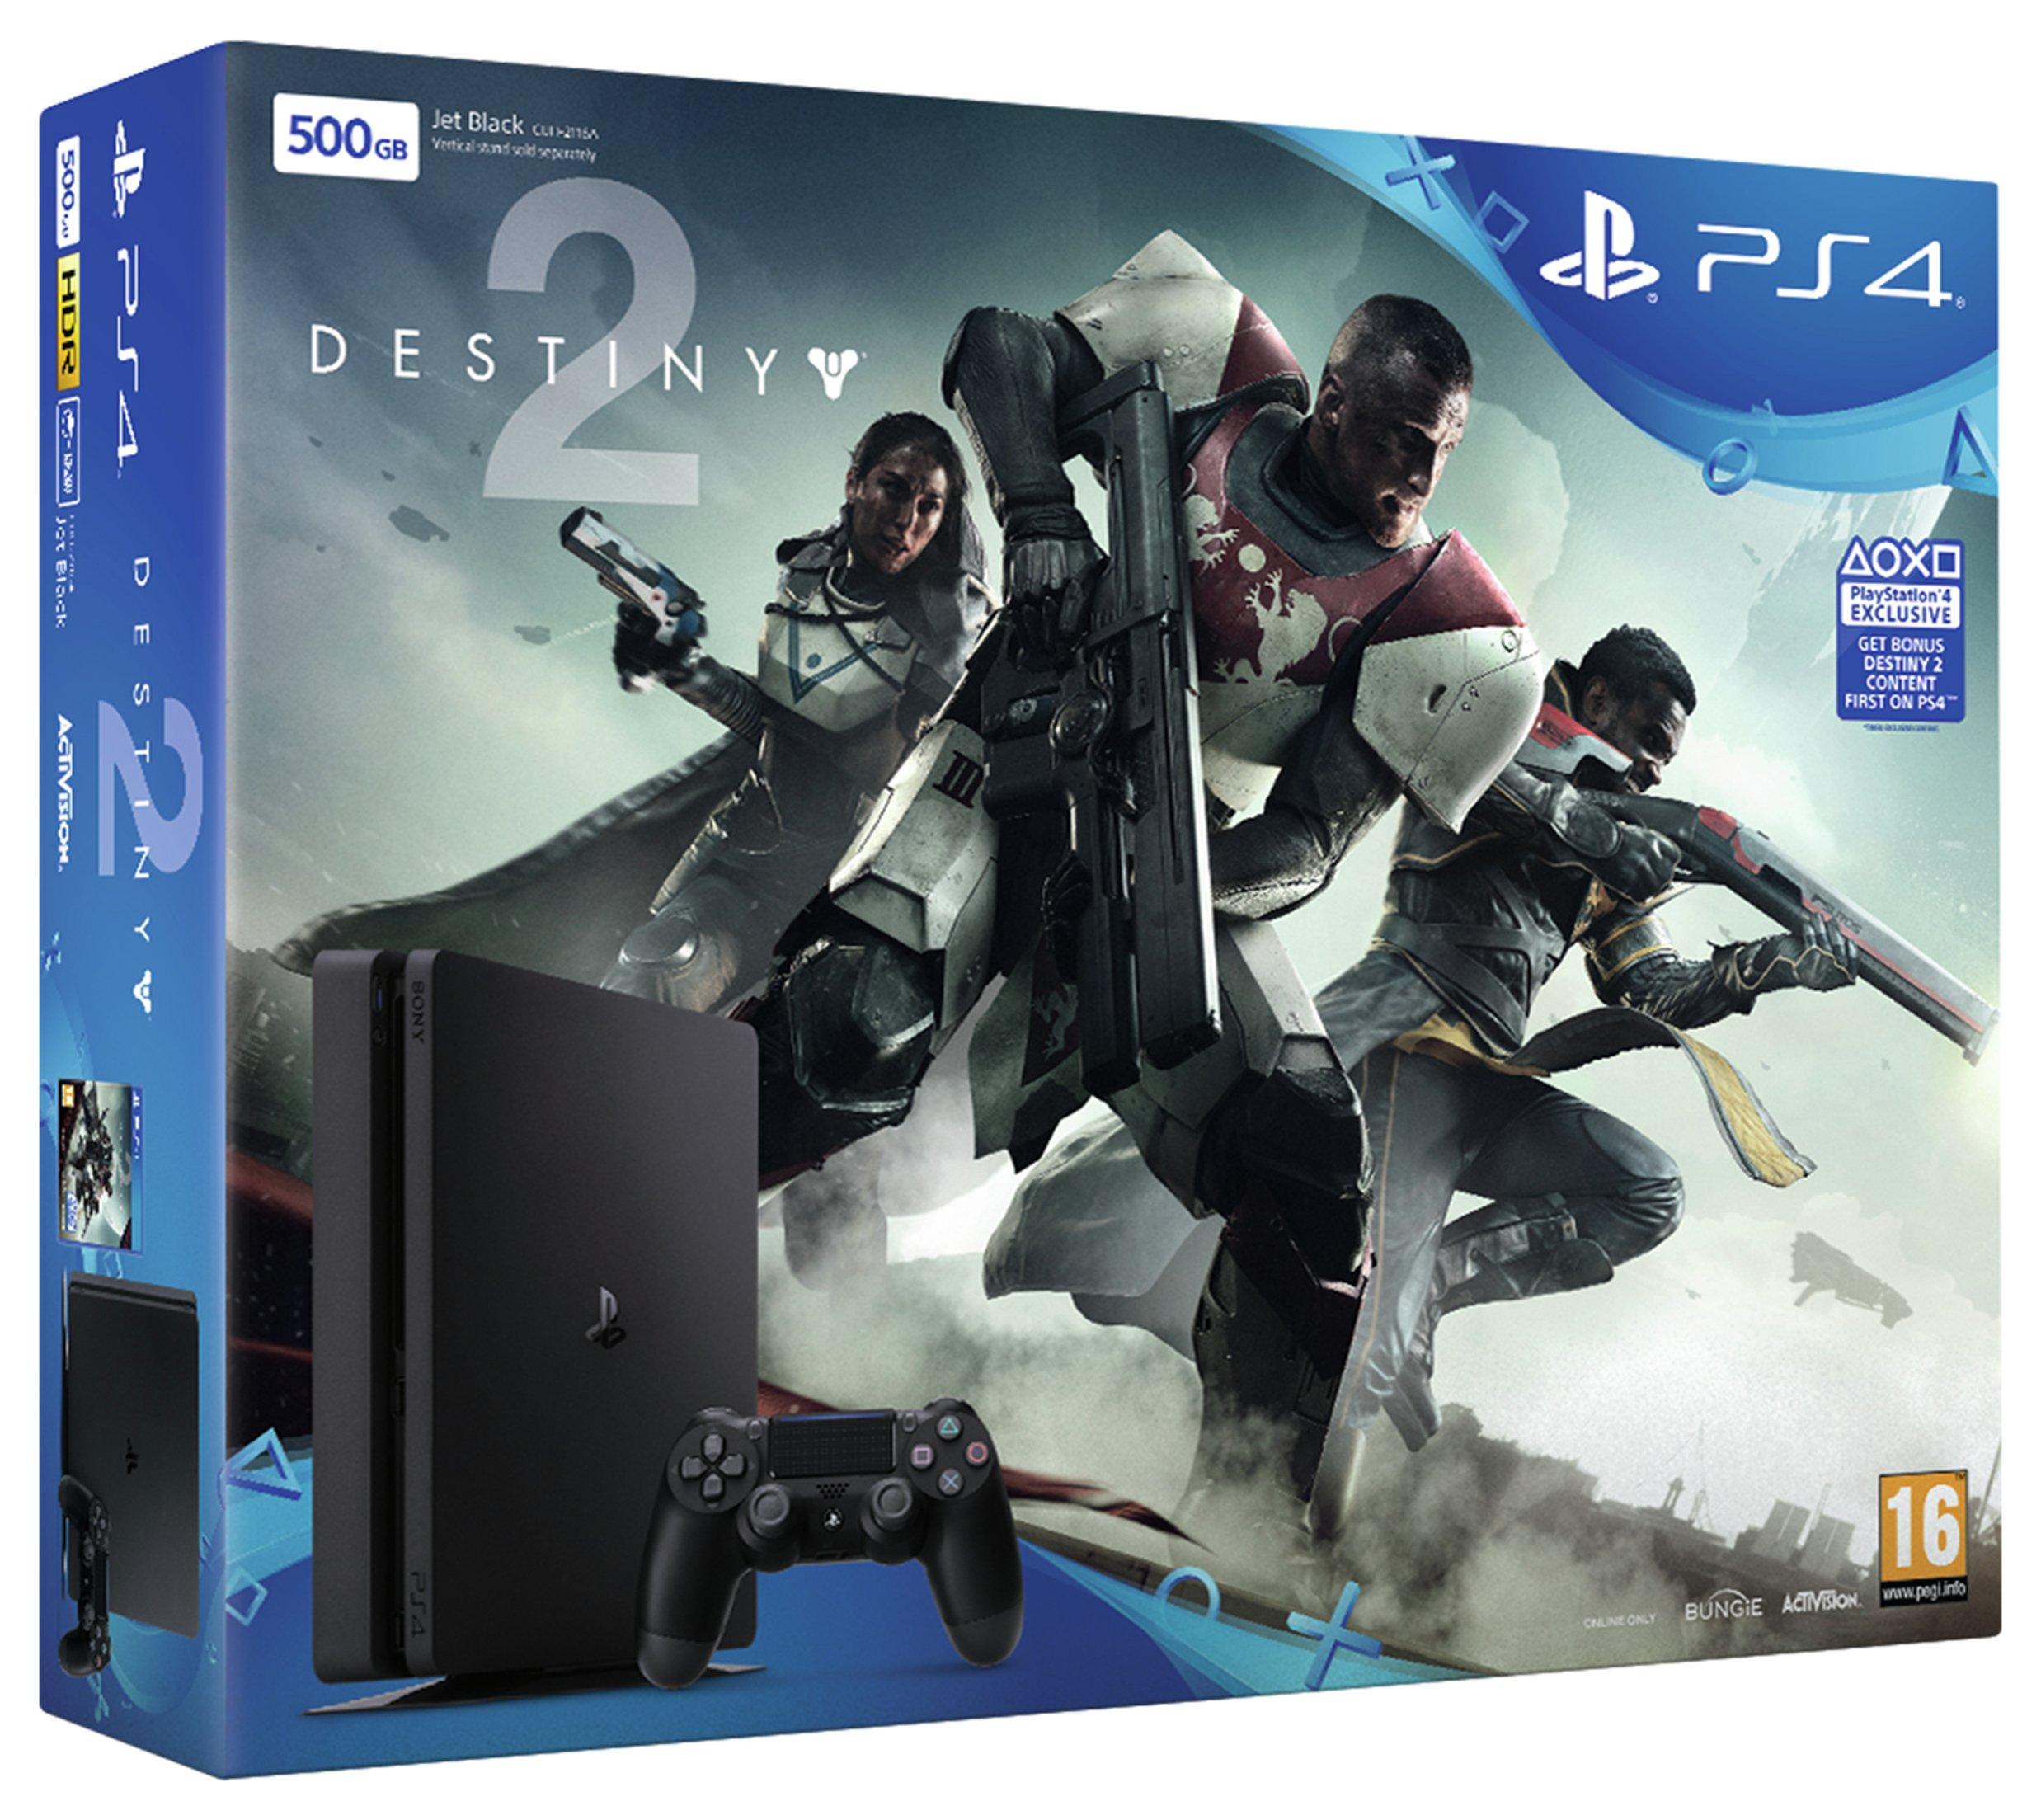 ps4-console-500gb-destiny-2-bundle-jet-black